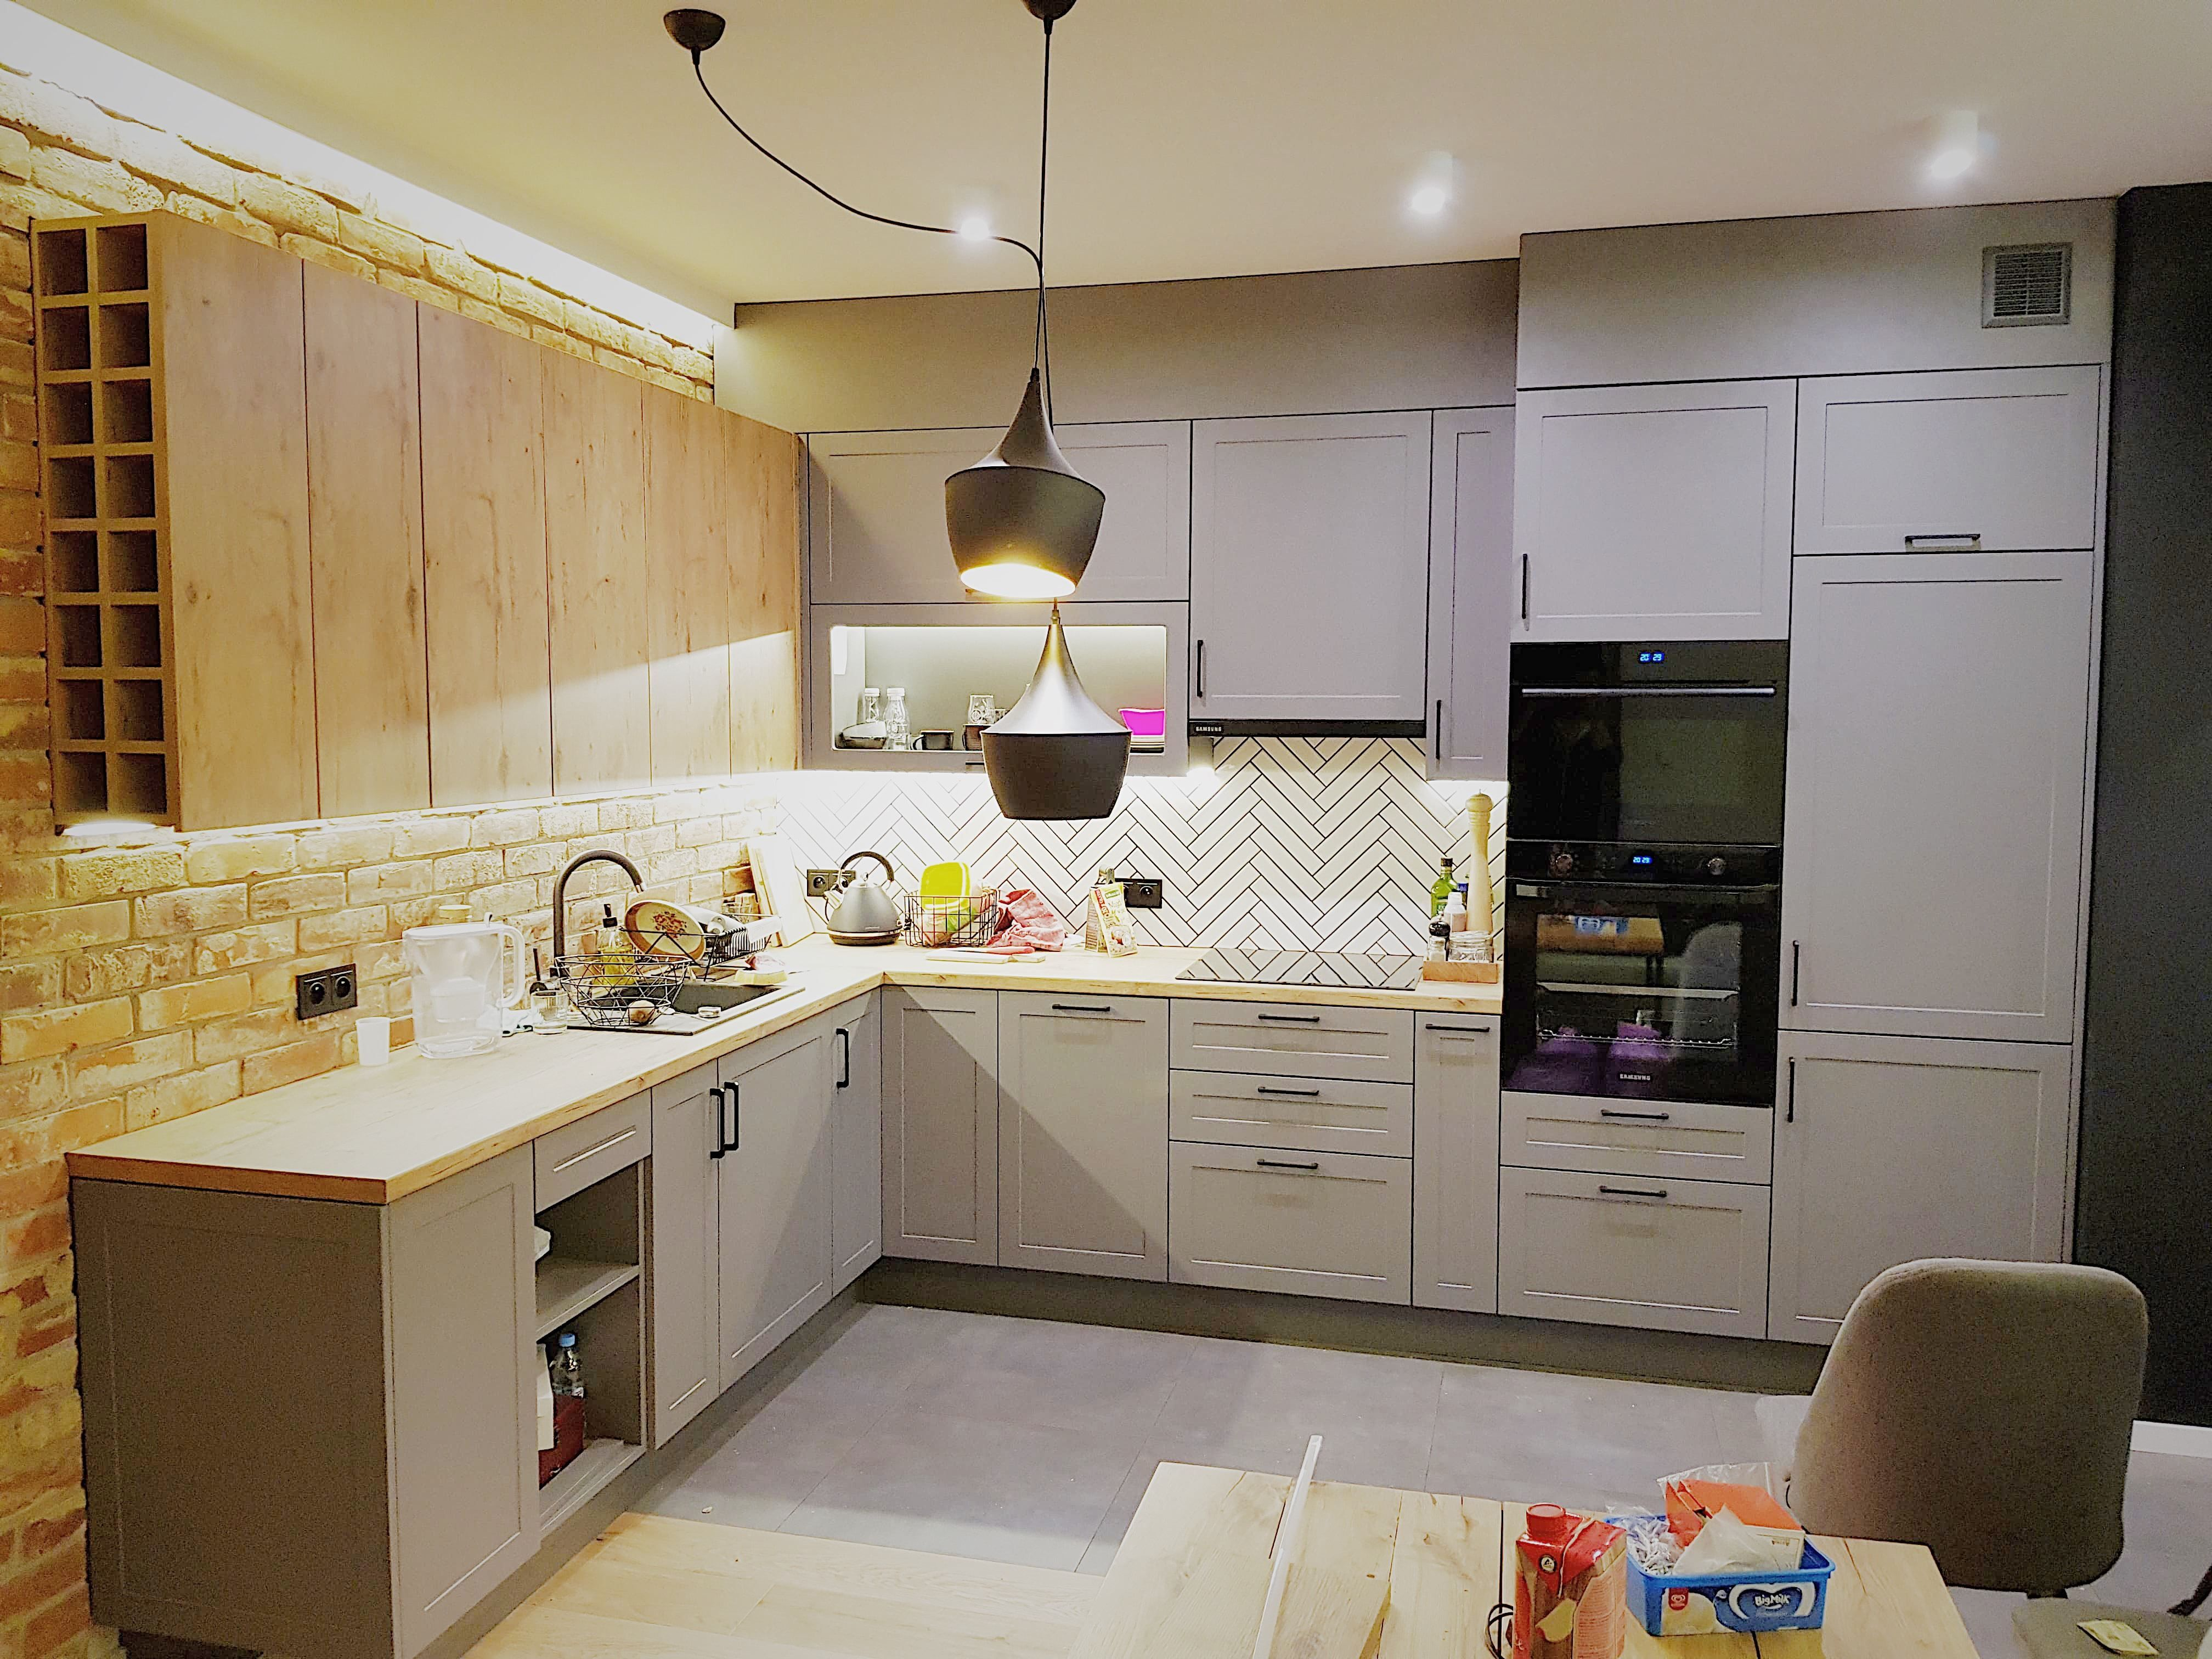 Meble In Solidne Meble Na Wymiar Kitchen Cabinets Decor Home Decor